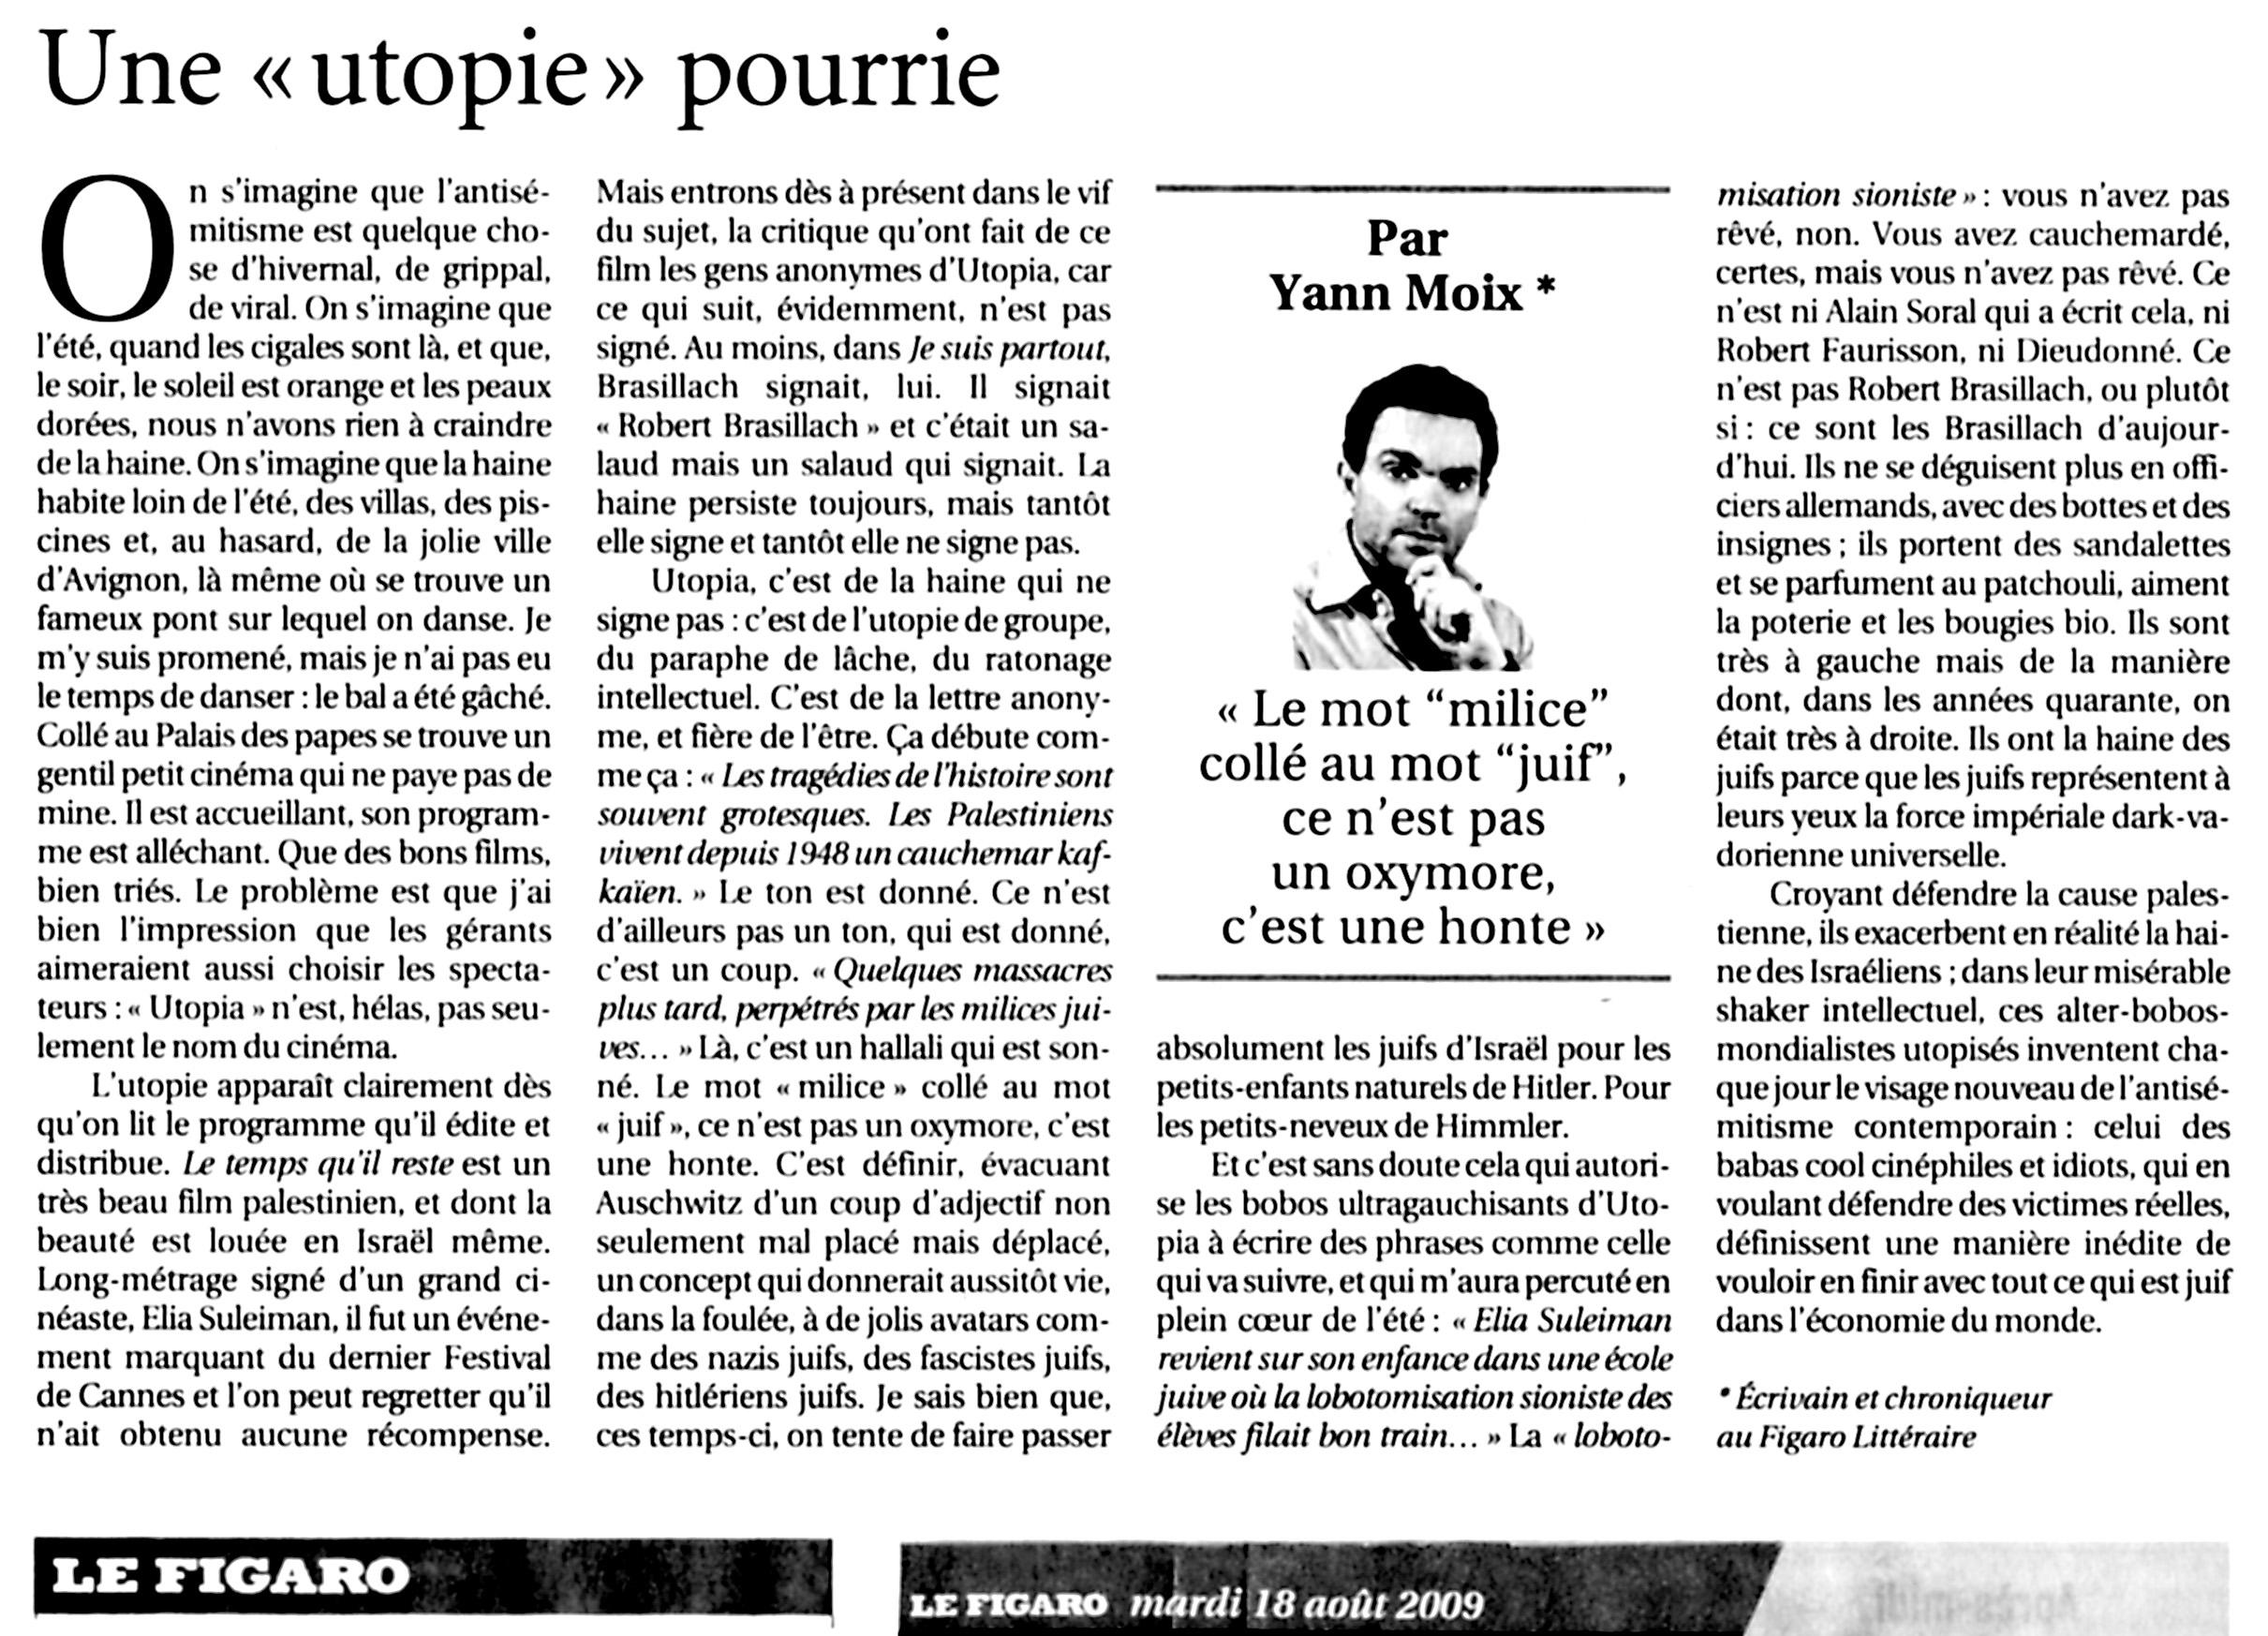 http://www.cinemas-utopia.org/U-blog/avignon/public/Moix-Figaro-2009.jpg